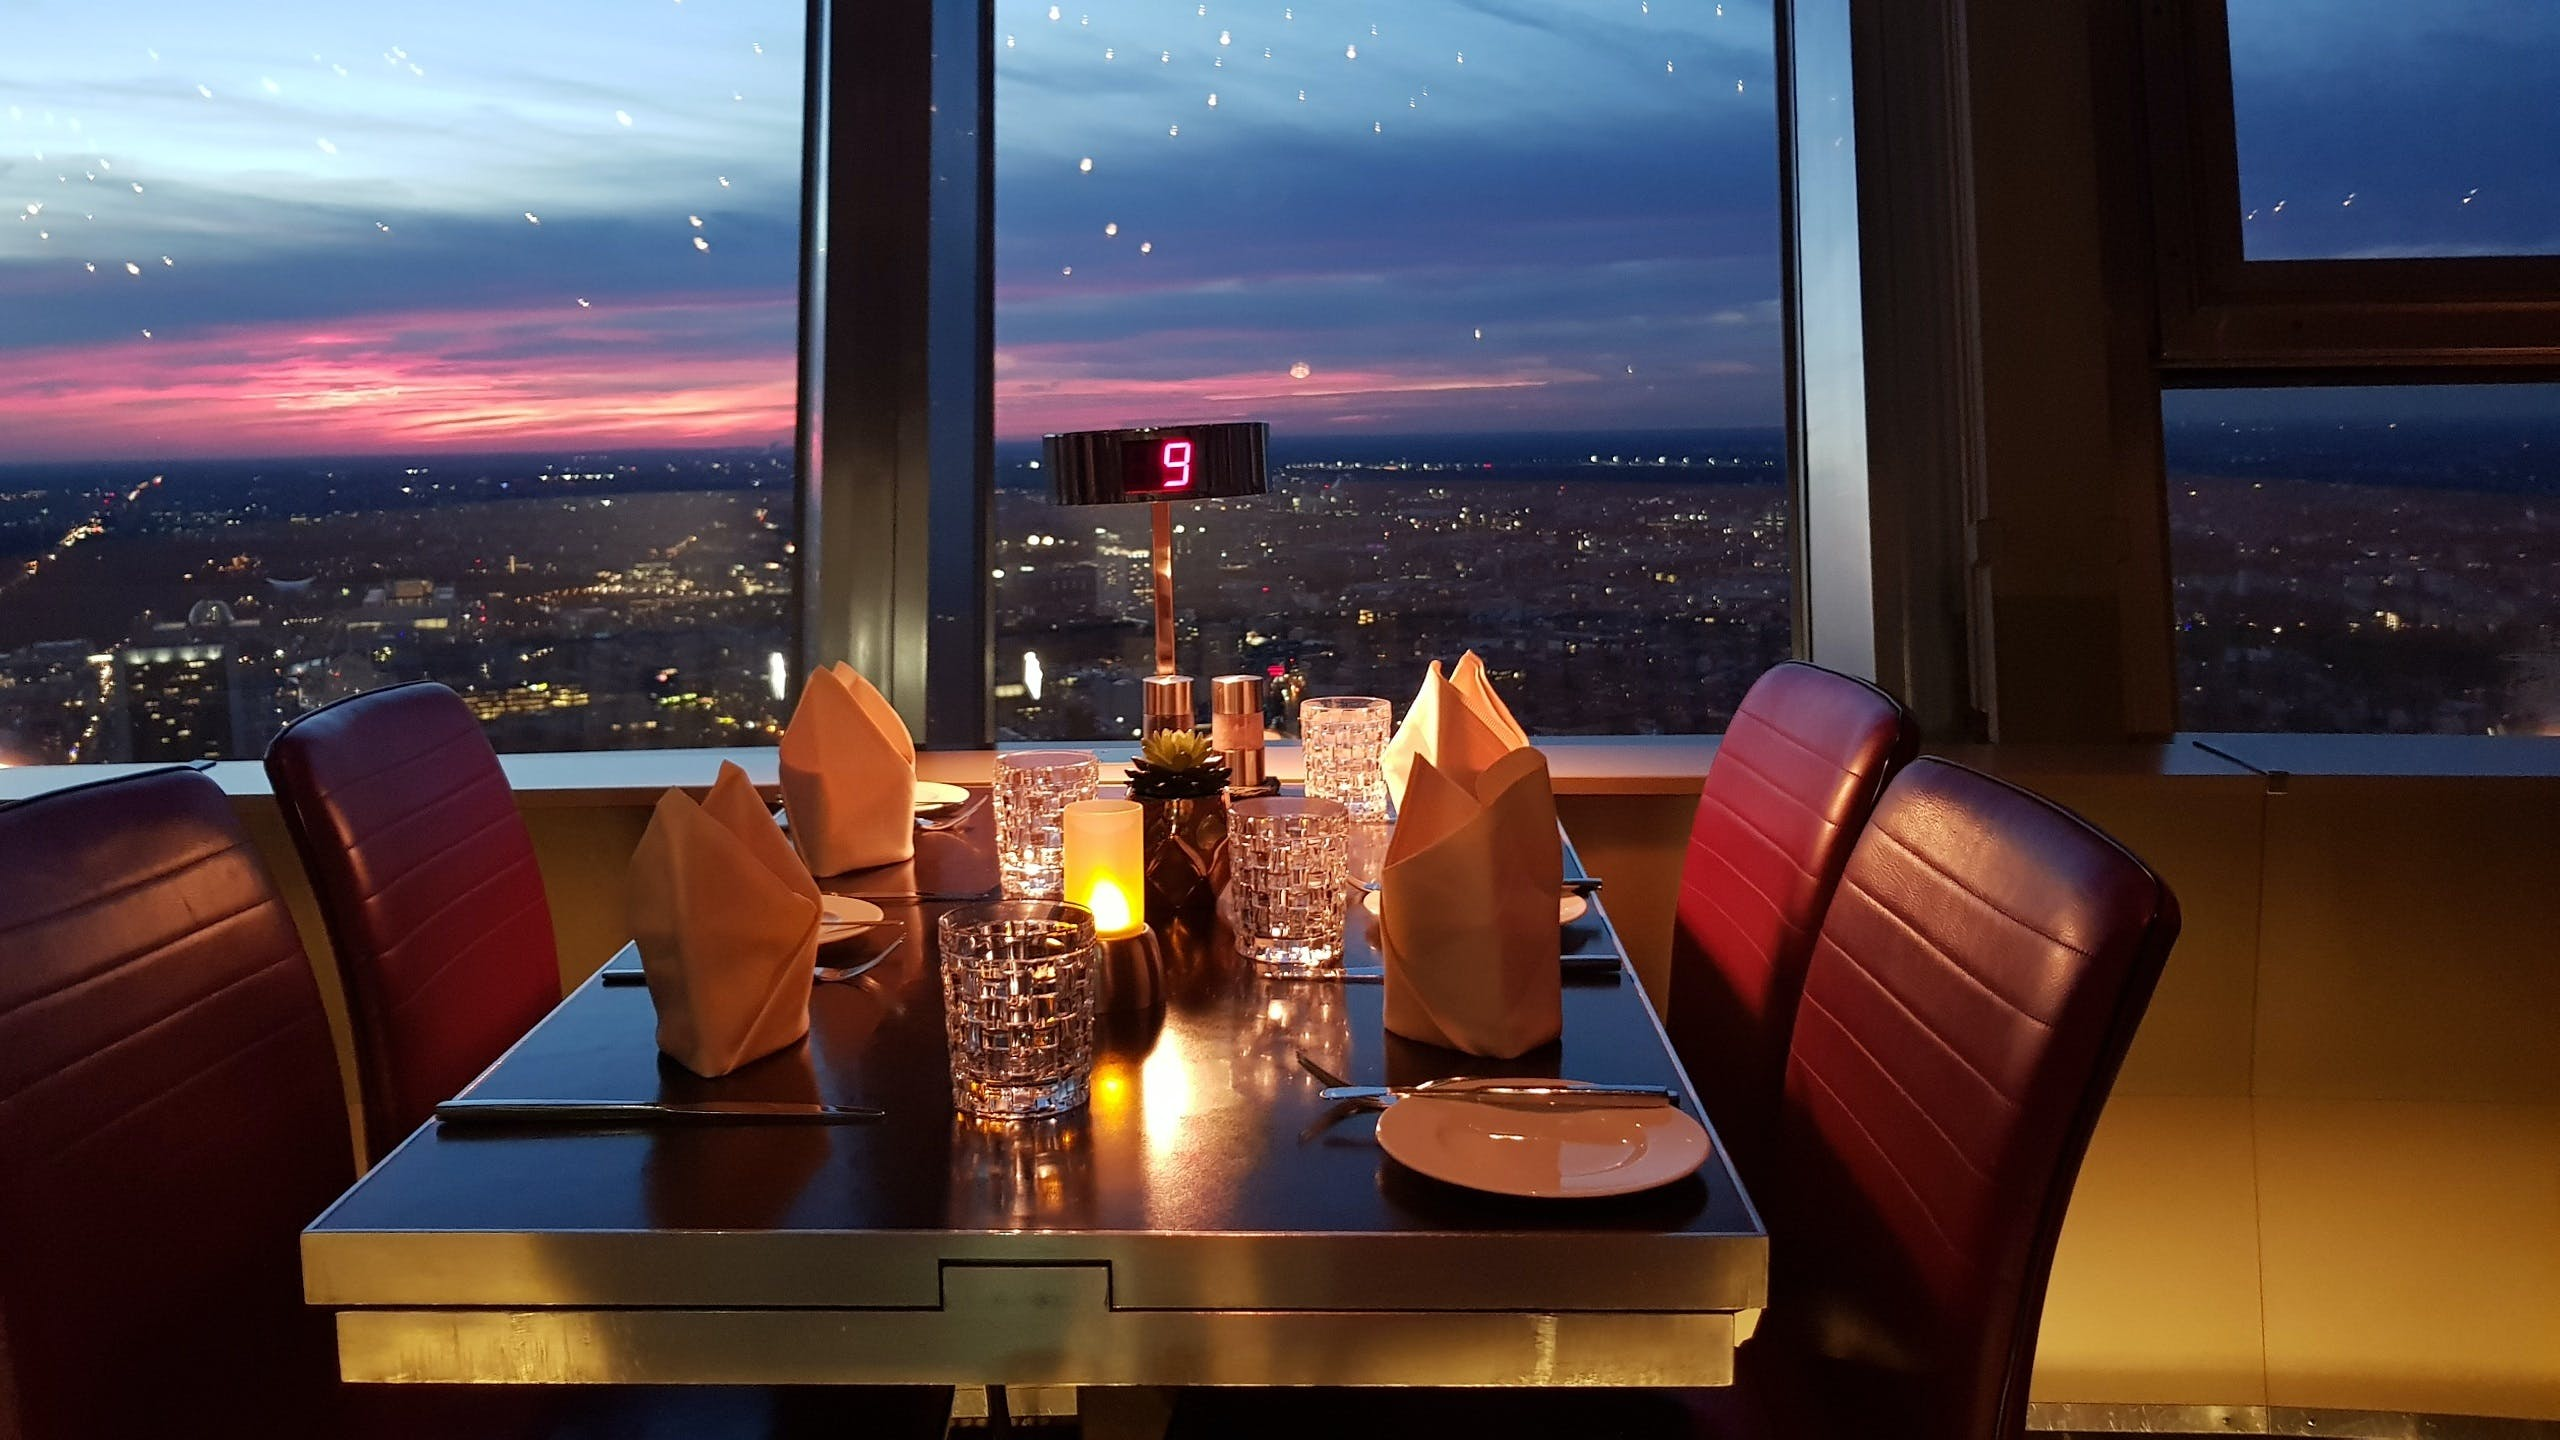 Ver la ciudad,Tickets, museos, atracciones,Entradas a atracciones principales,Torre de Telecomunicaciones,Sin colas + mesa en restaurante